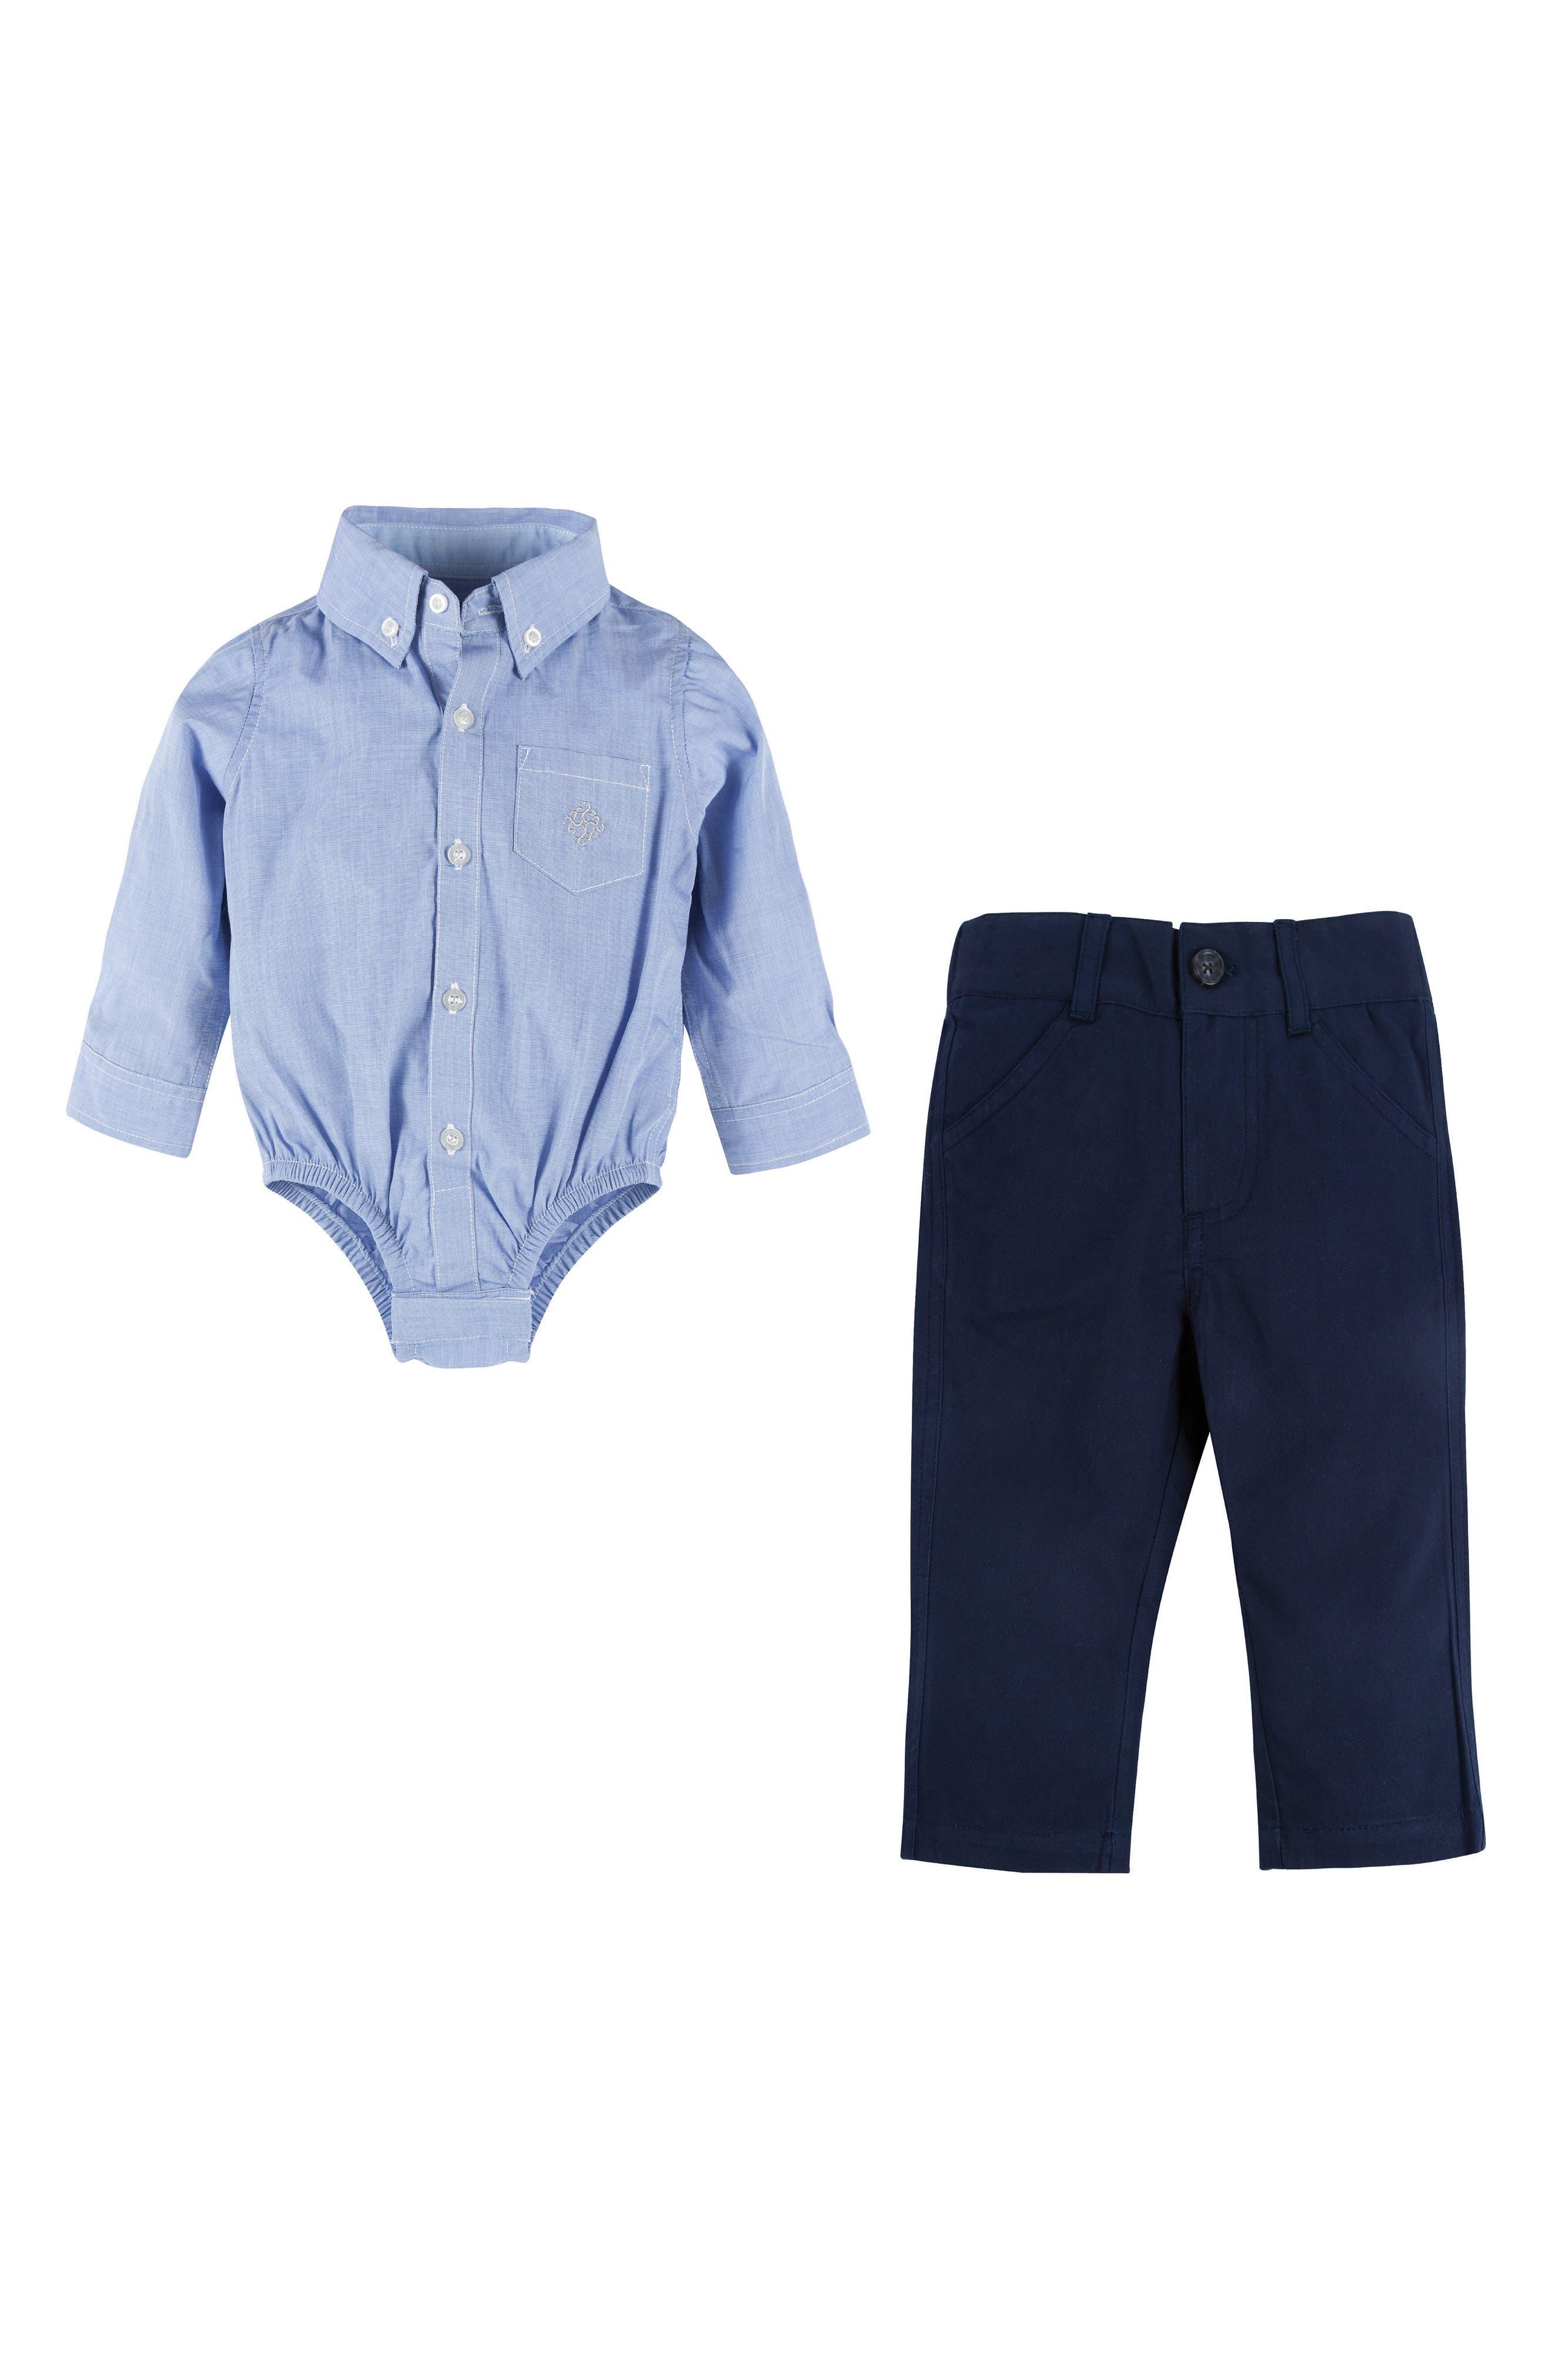 Shirtzie Chambray Bodysuit & Pants Set,                         Main,                         color, Blue